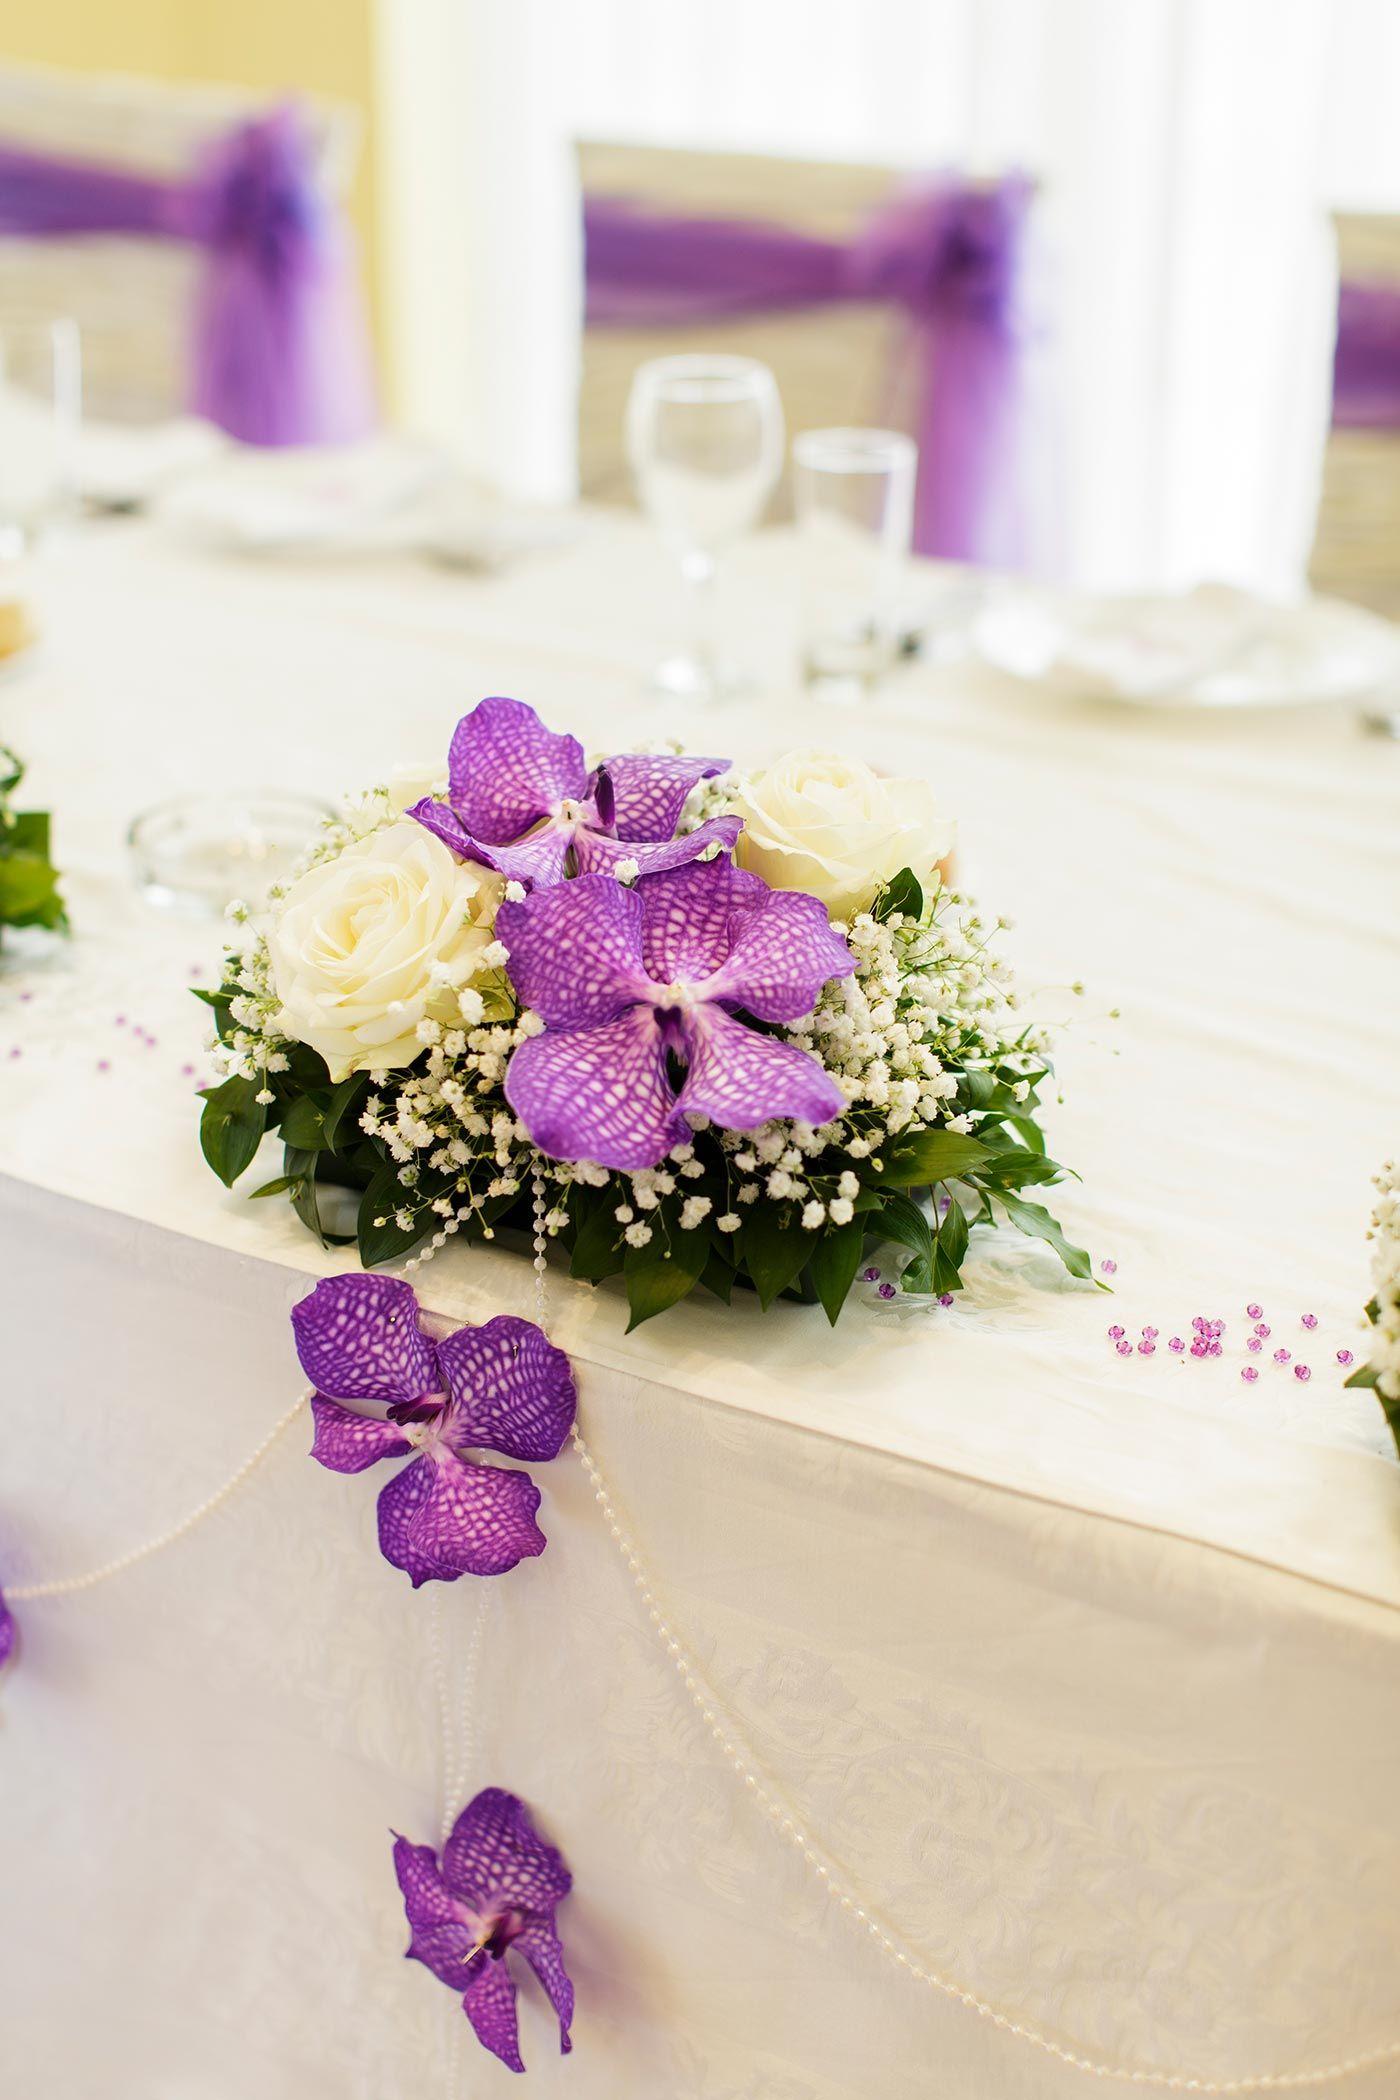 Tischdeko mit orchideen tischdekoration zur hochzeit pinterest blumengestecke hochzeit - Tischdeko orchideen hochzeit ...